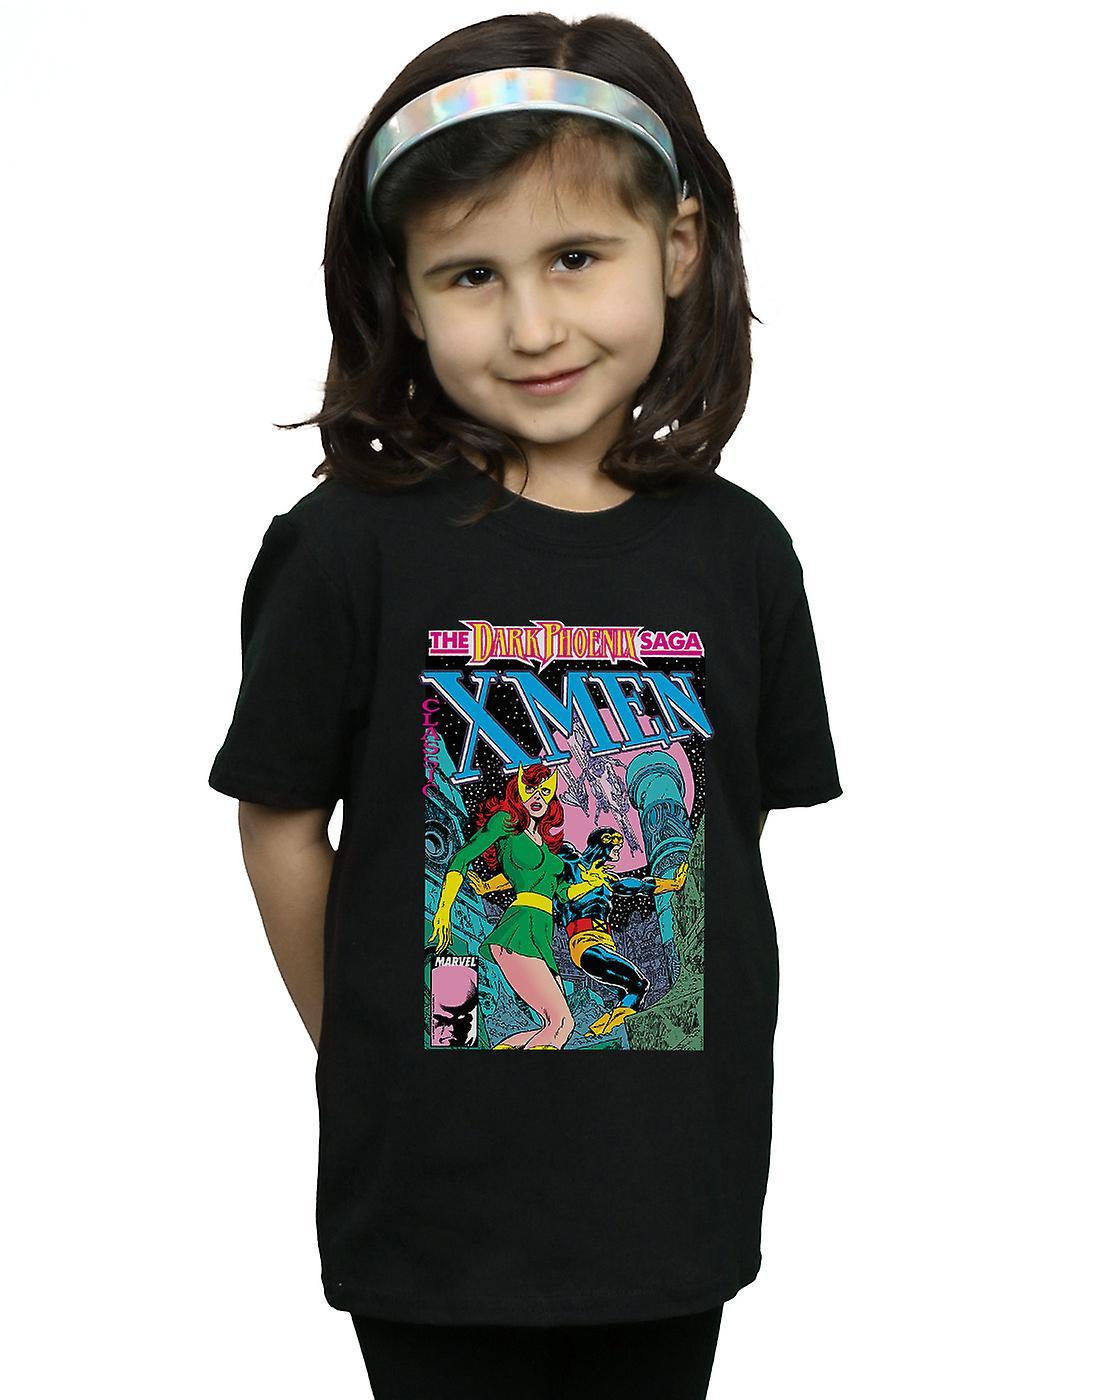 Marvel Girls X-Men The Dark Phoenix Saga T-Shirt